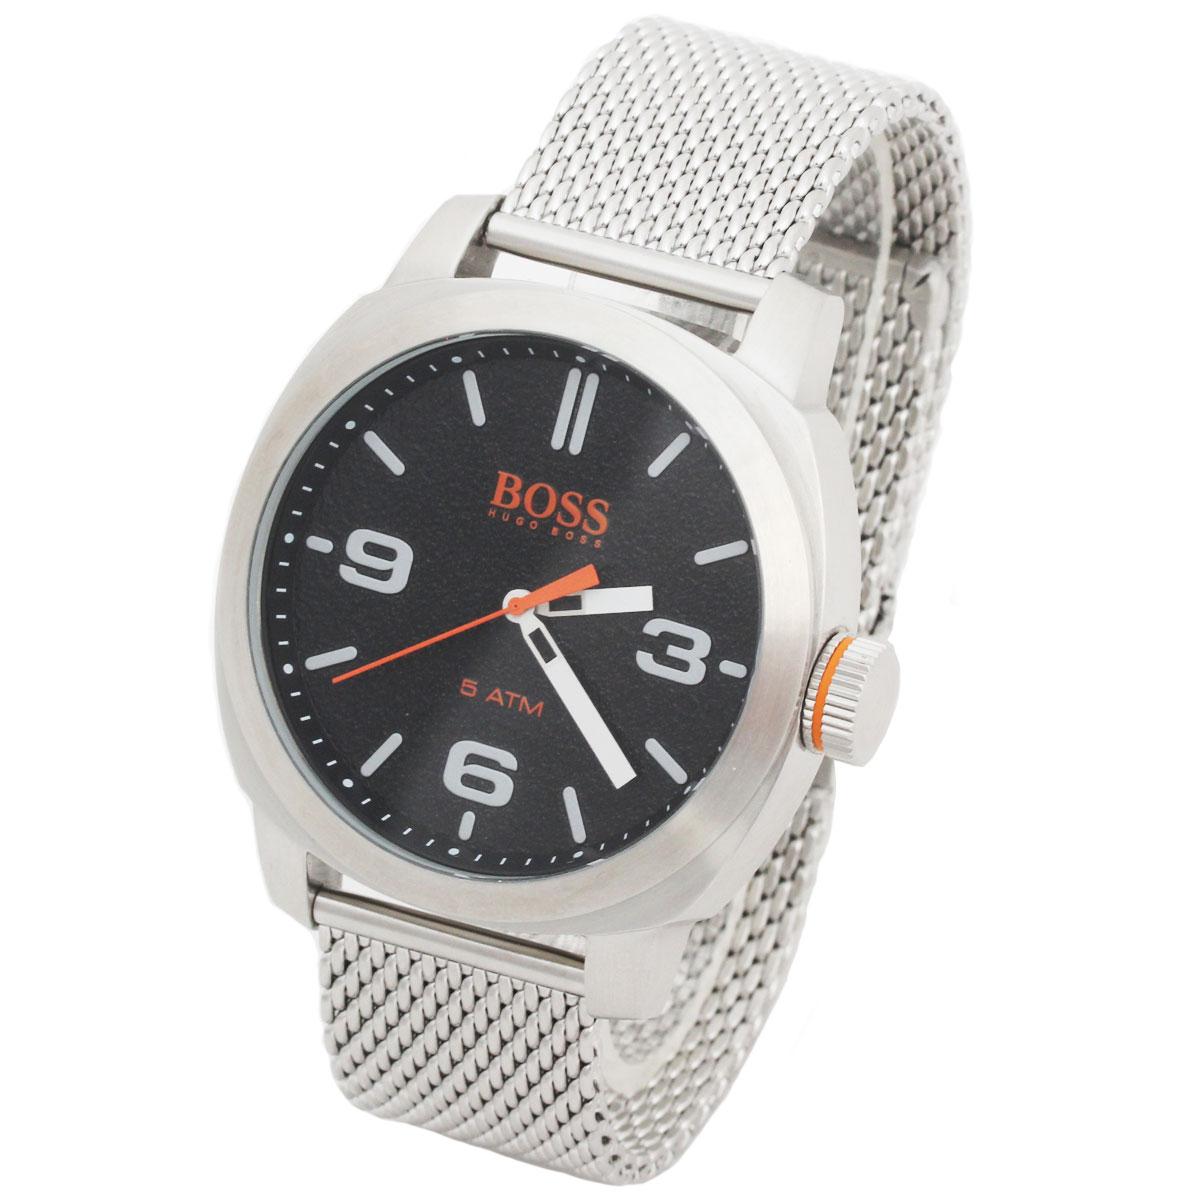 BOSS HUGO BOSS ボス ヒューゴボス 腕時計 1550013 Orange Cape Town メンズ ラウンド ブラック シルバー